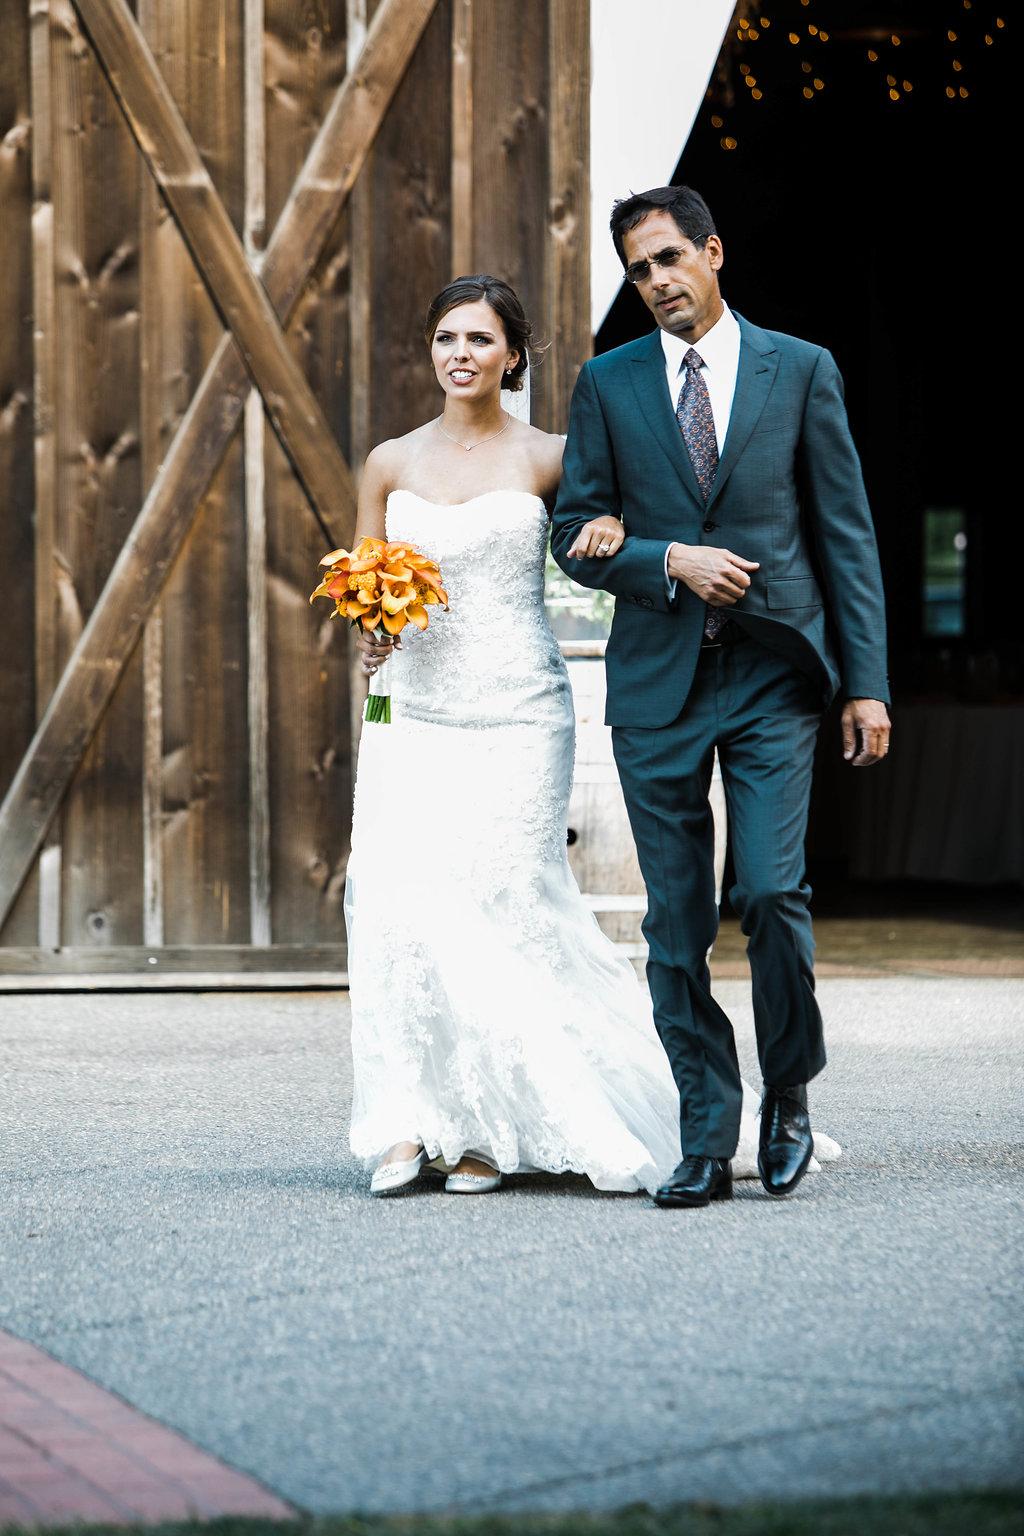 Erin+Tyson_The_Kelley_Farm_Wedding_by_Adina_Preston_Weddings_588.JPG